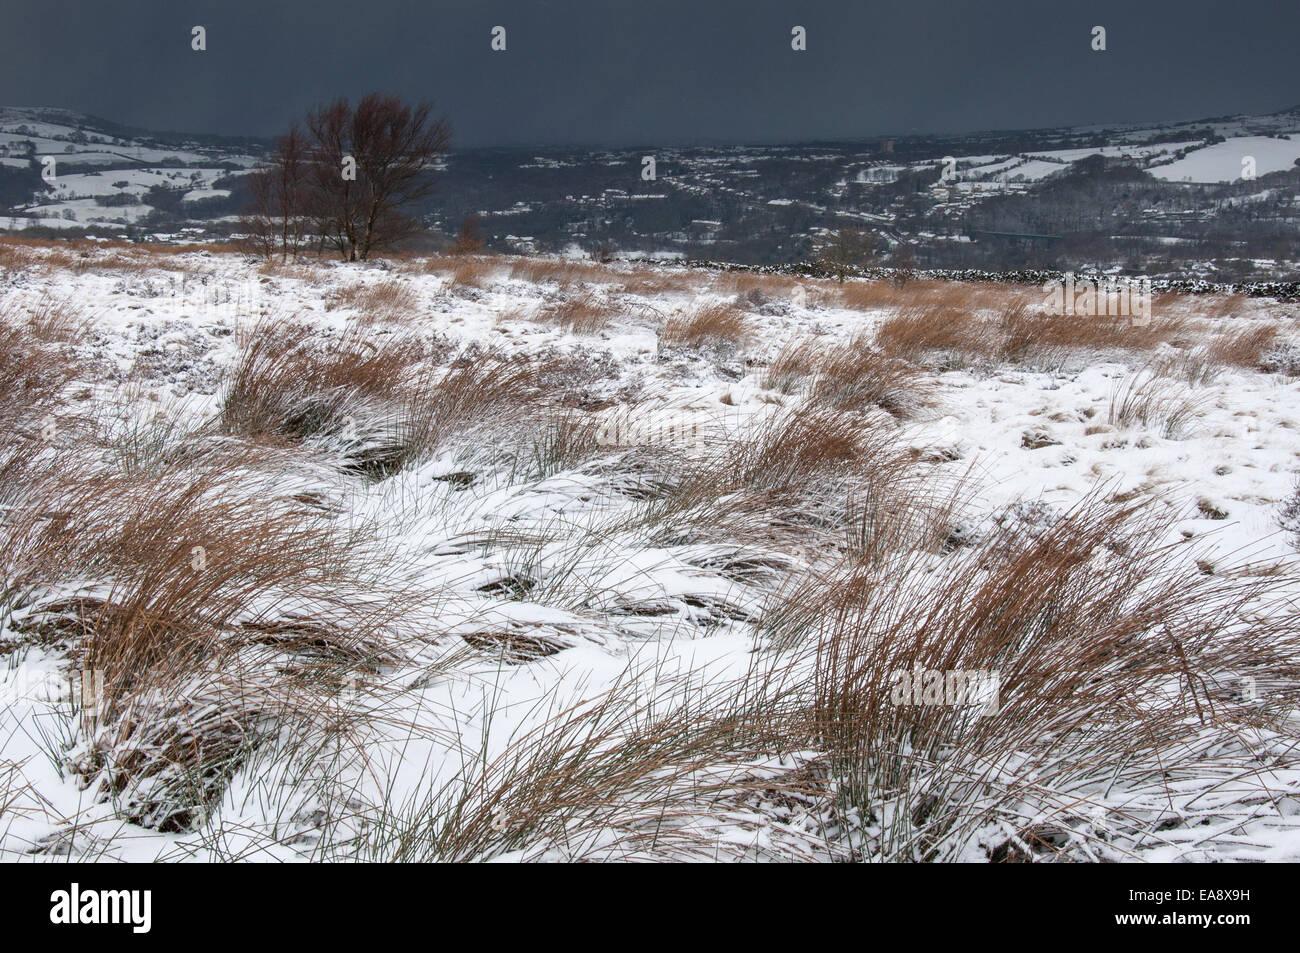 Schnee bedeckt Gräser mit dunklen Wolken über Kopf mit Schnee. Stockbild